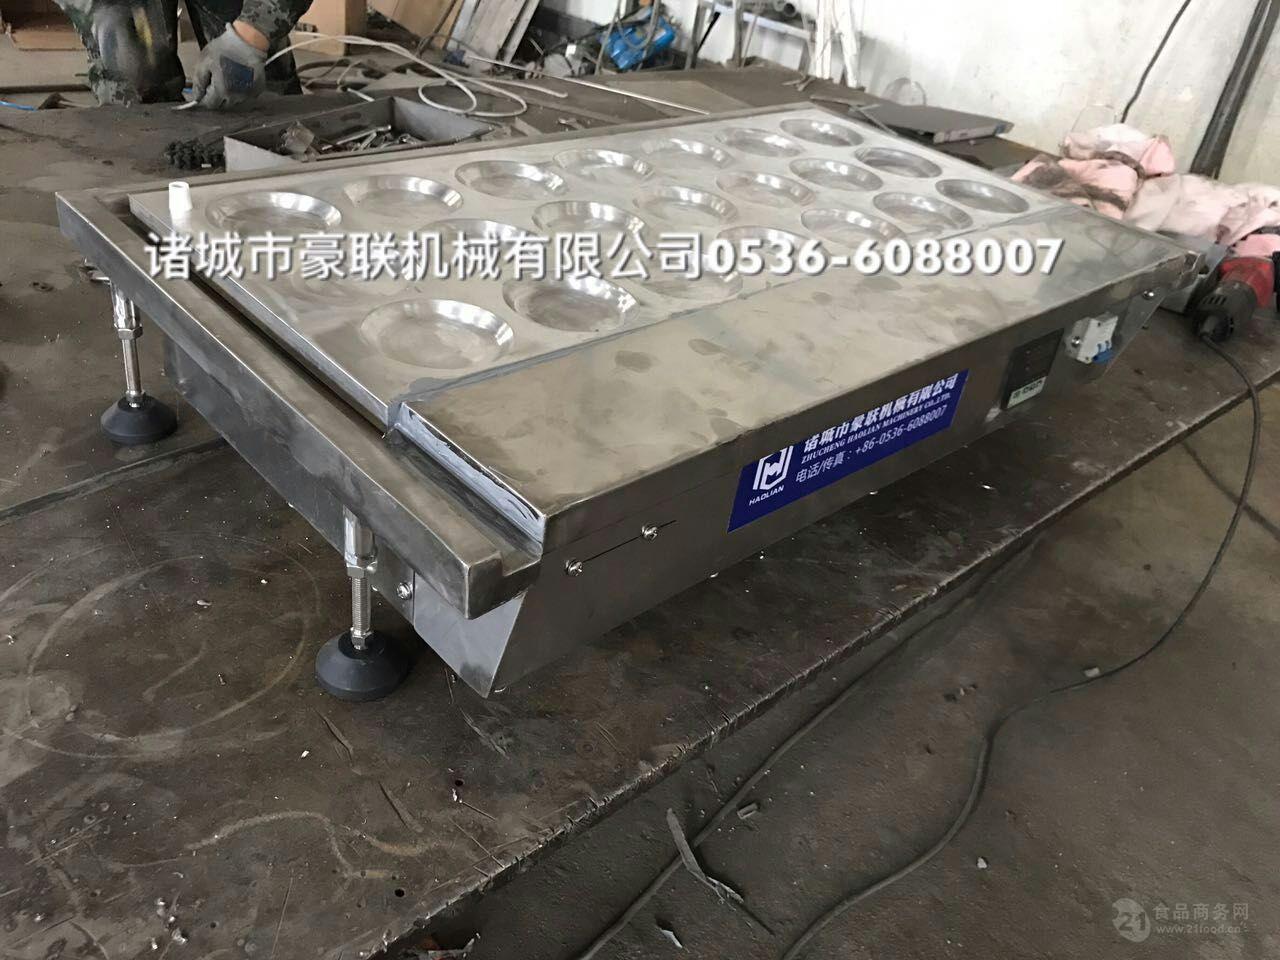 豪联牌HLJ-21优质不锈钢无油烟式小型煎蛋机